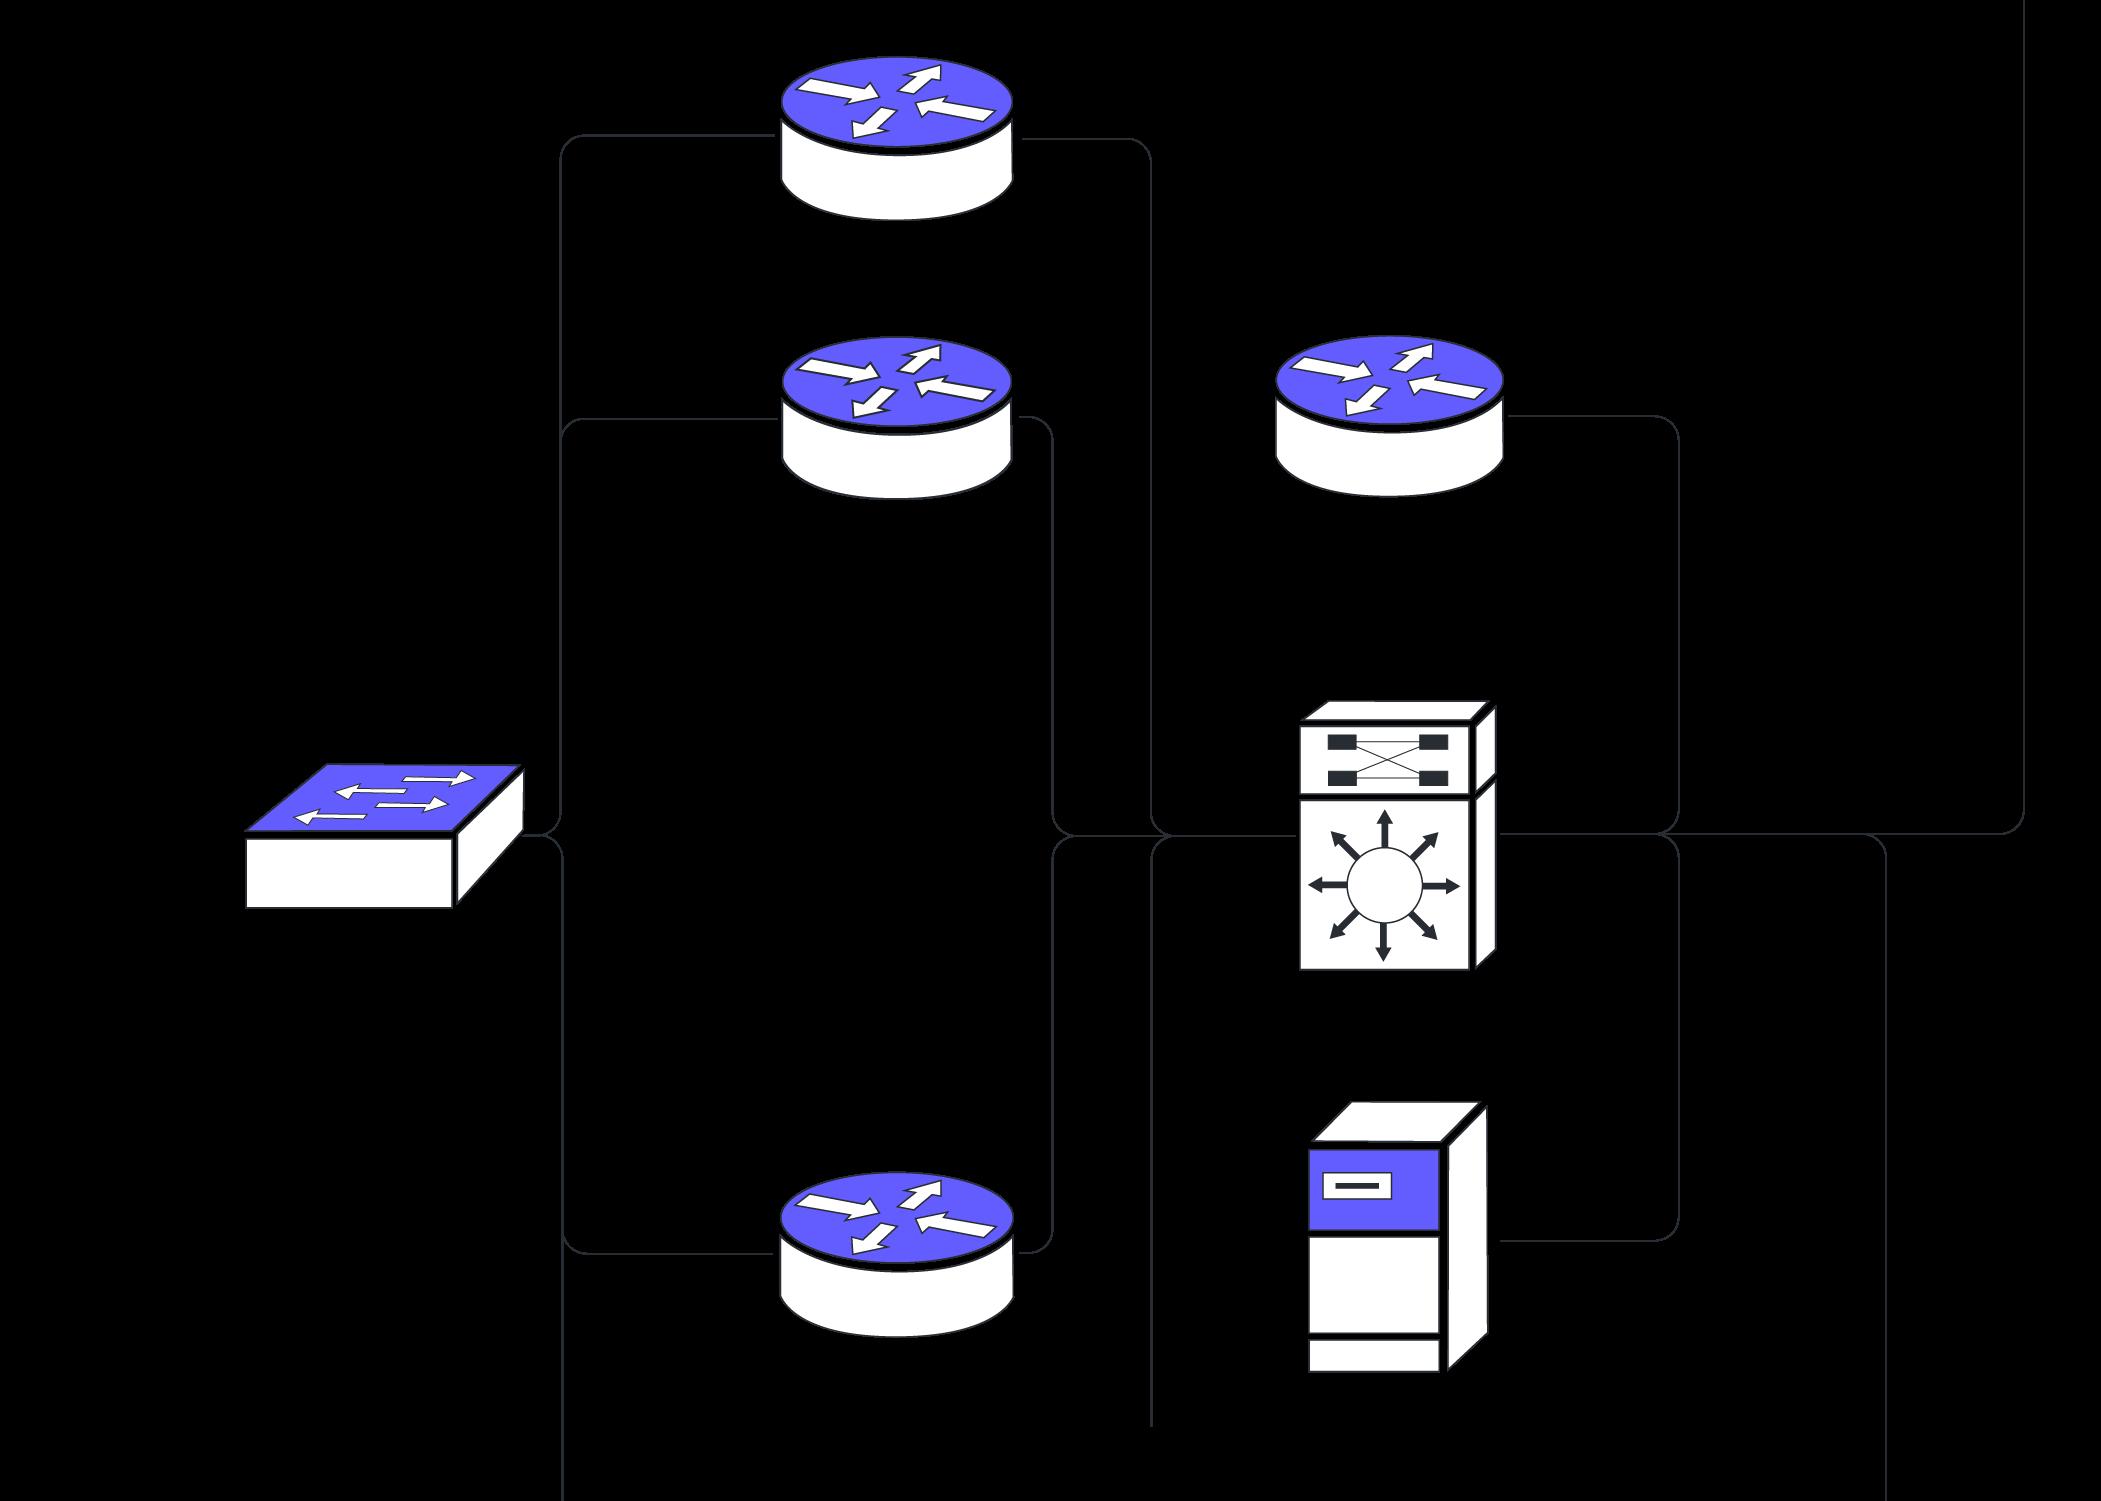 ネットワーク図ツール